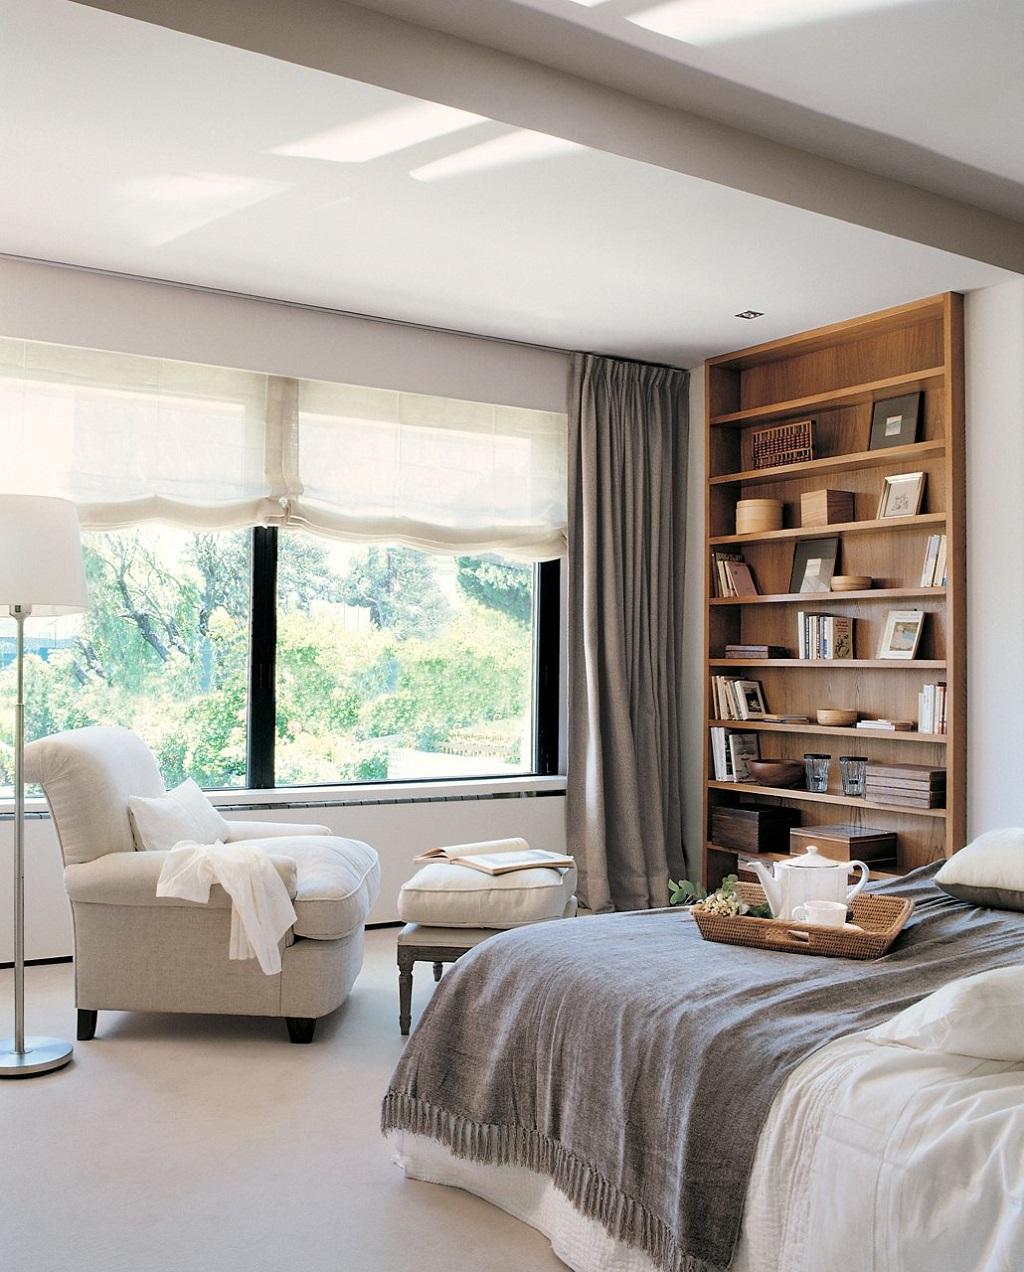 Dormitorios encanto49 - Cuartos de bano con encanto ...